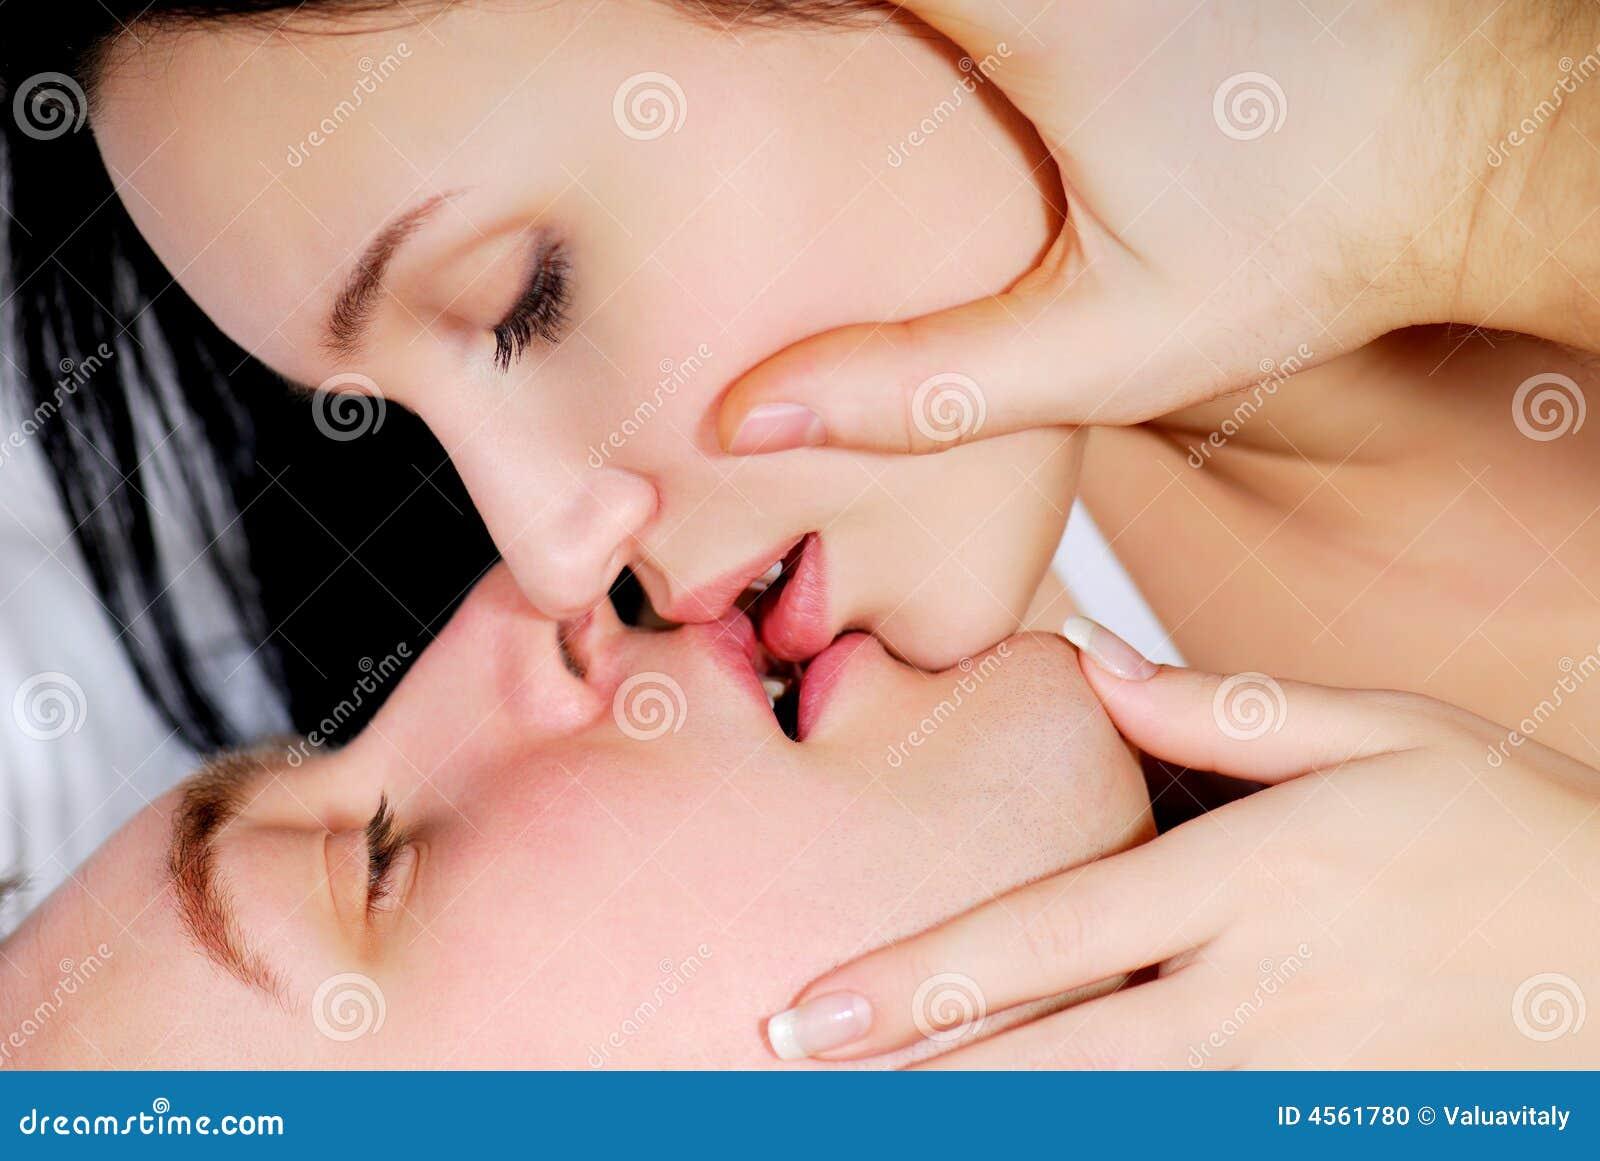 Почему нельзя заниматься сексом при лечении зппп 2 фотография